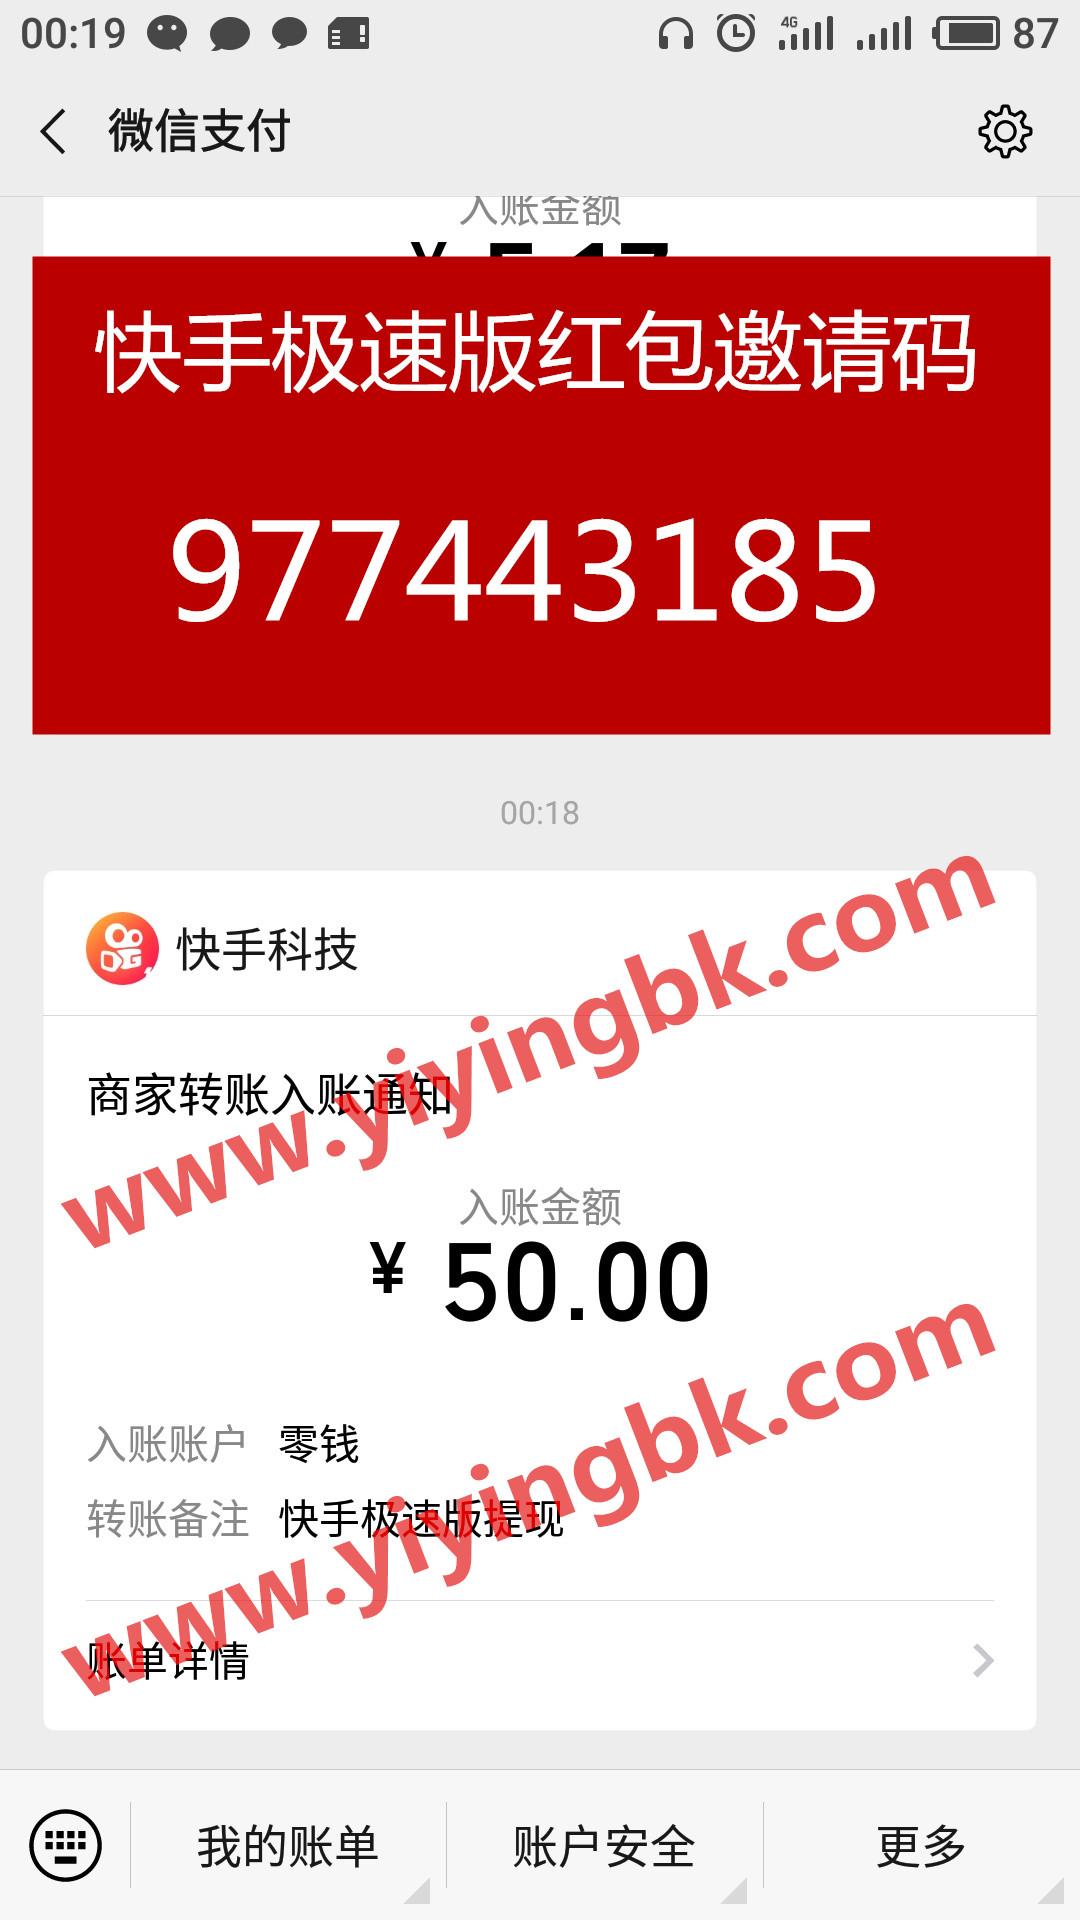 快手极速版红包邀请码977443185,看视频免费赚钱,微信提现50元秒到账。www.yiyingbk.com